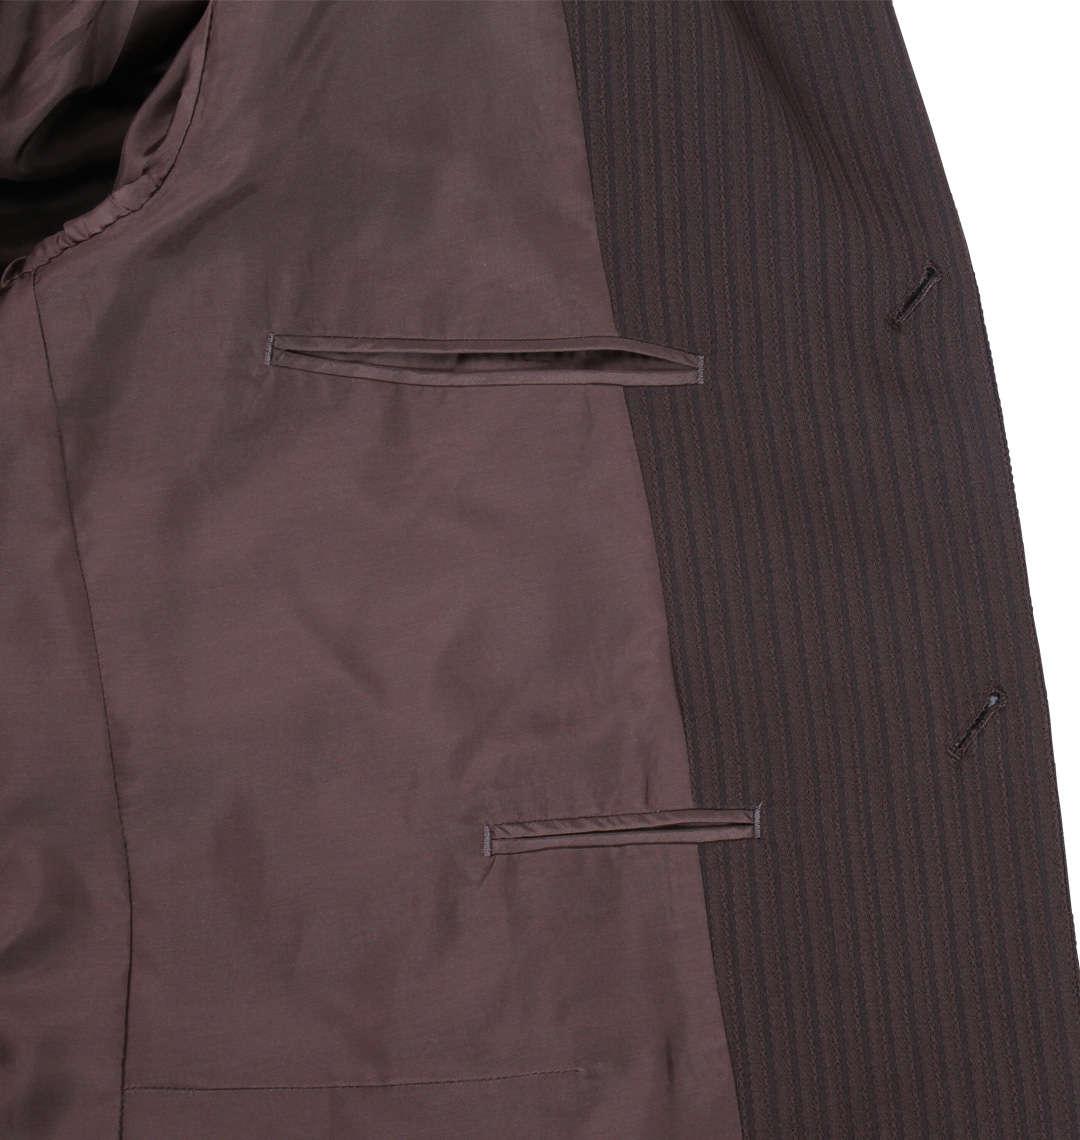 大きいサイズのメンズ服の通販サイト ミッド・インターナショナル SINCE 1996マオカラースーツ